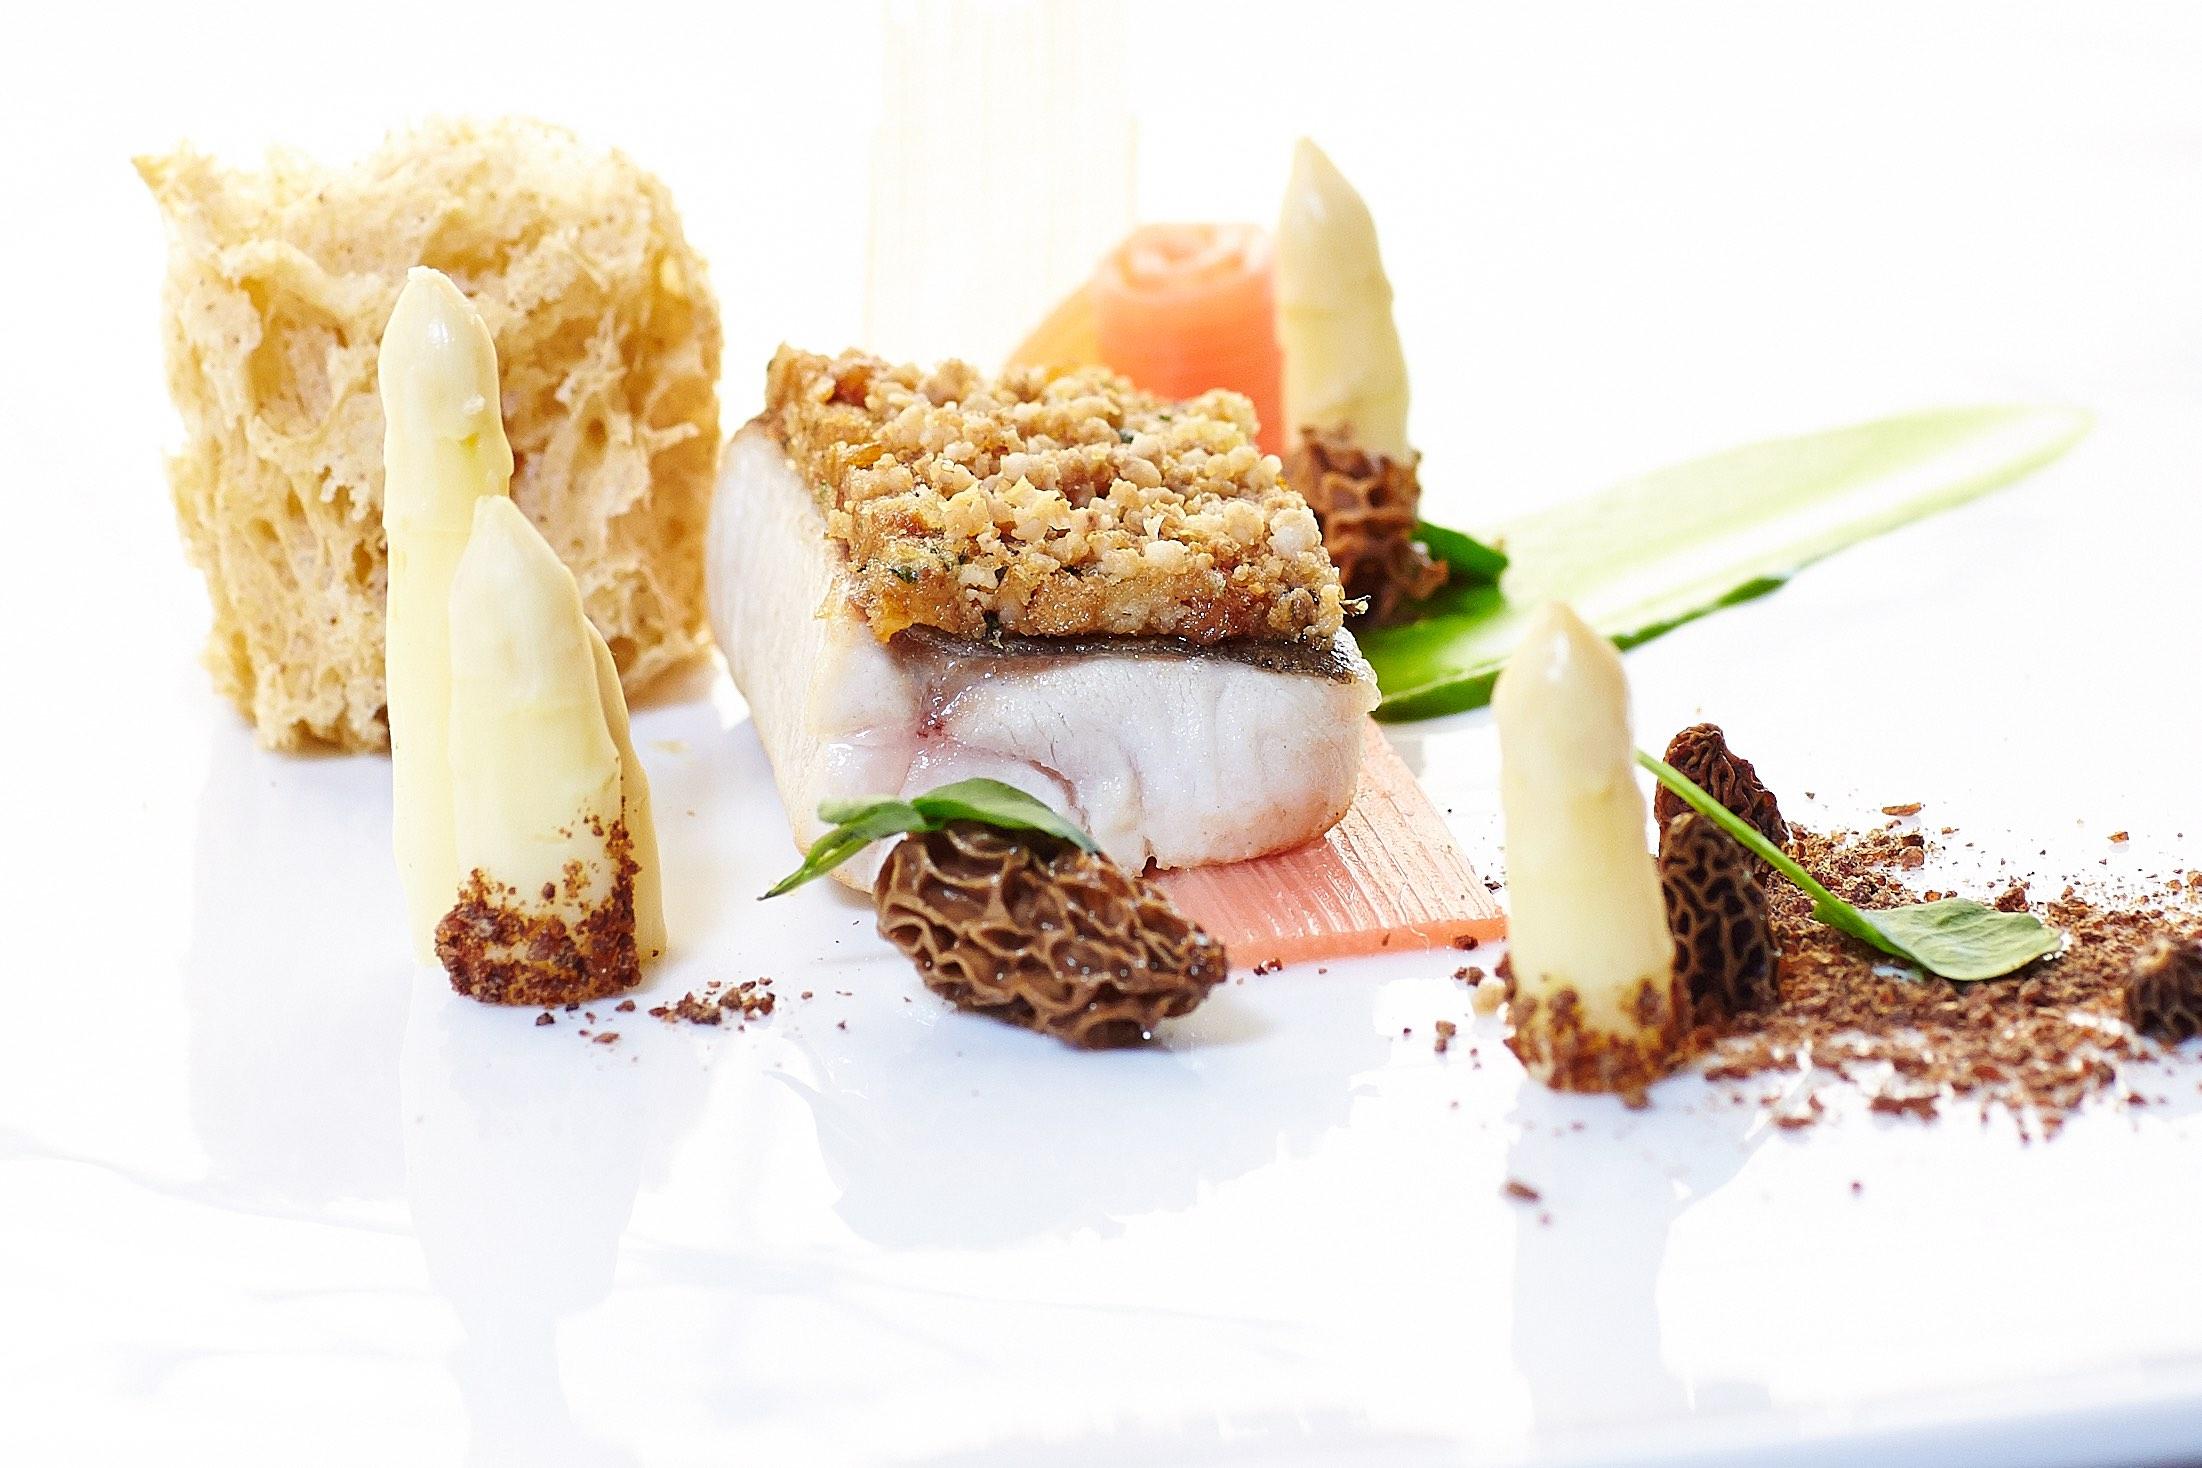 salzburgerhof-seesaiblingsfilet--grammelkruste-spargel-rhabarber-brunnenkresse-und-morcheln